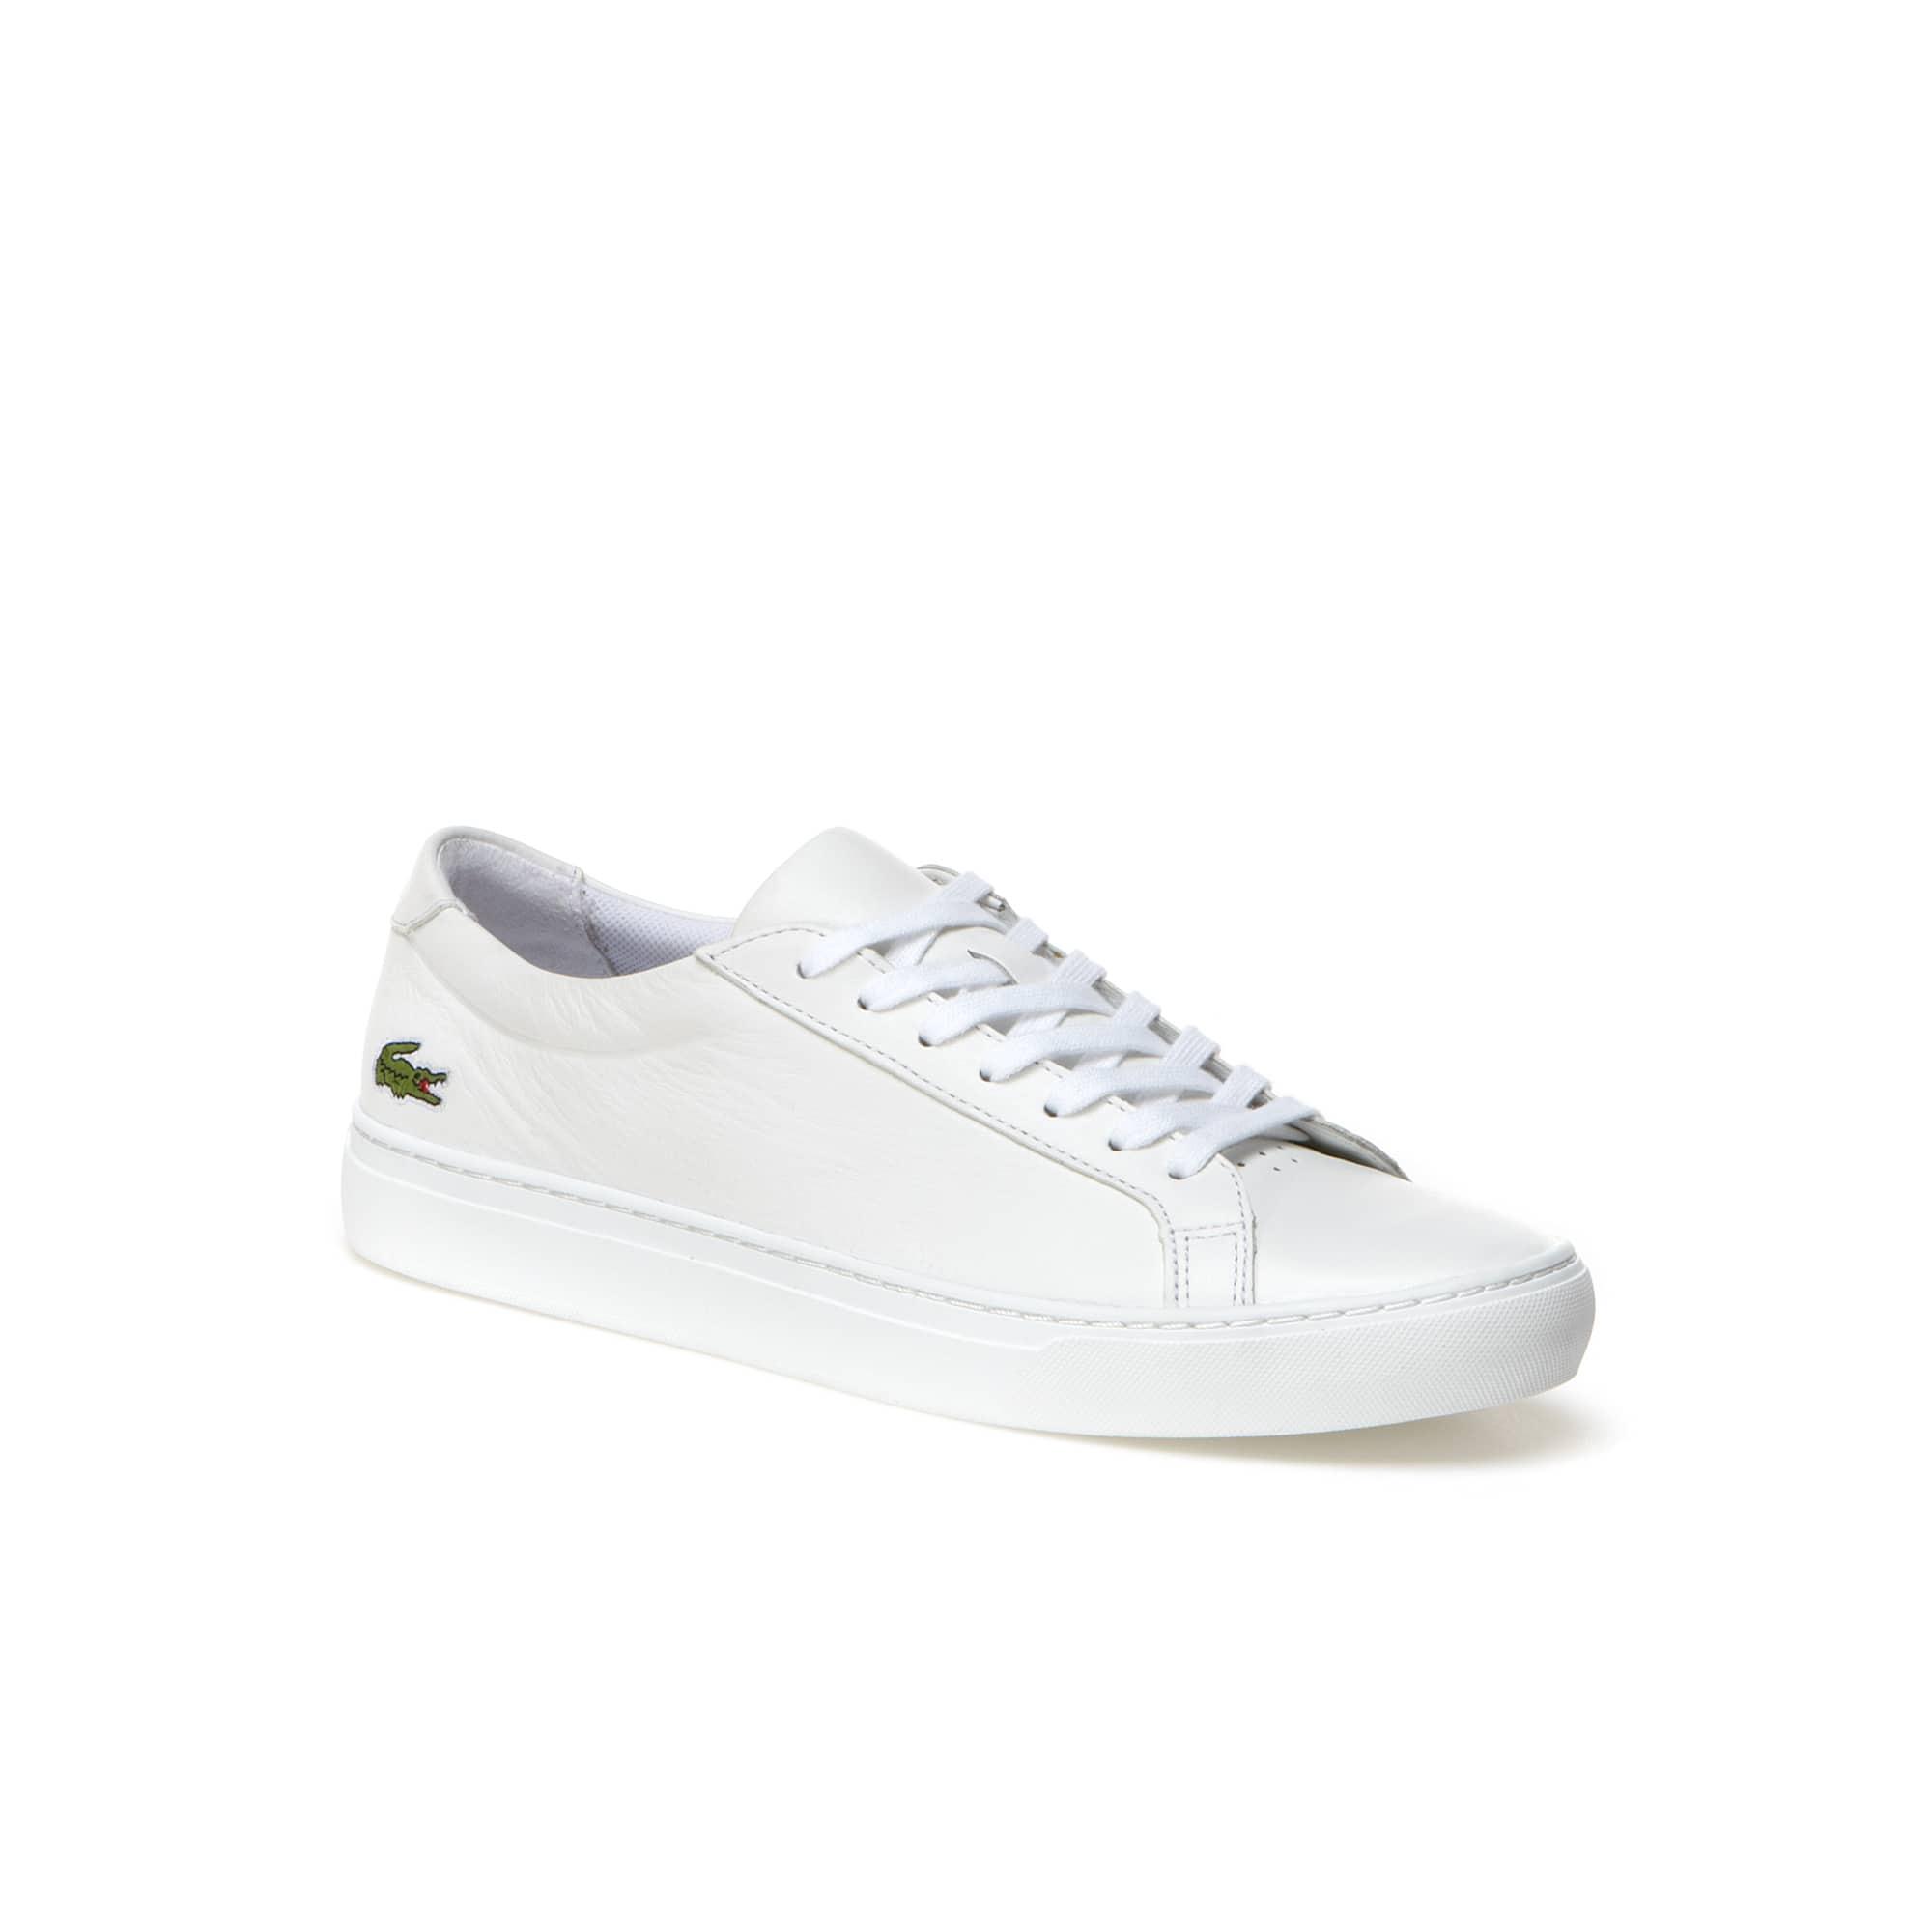 Toutes les chaussures Lacoste   LACOSTE 406469eb97d3